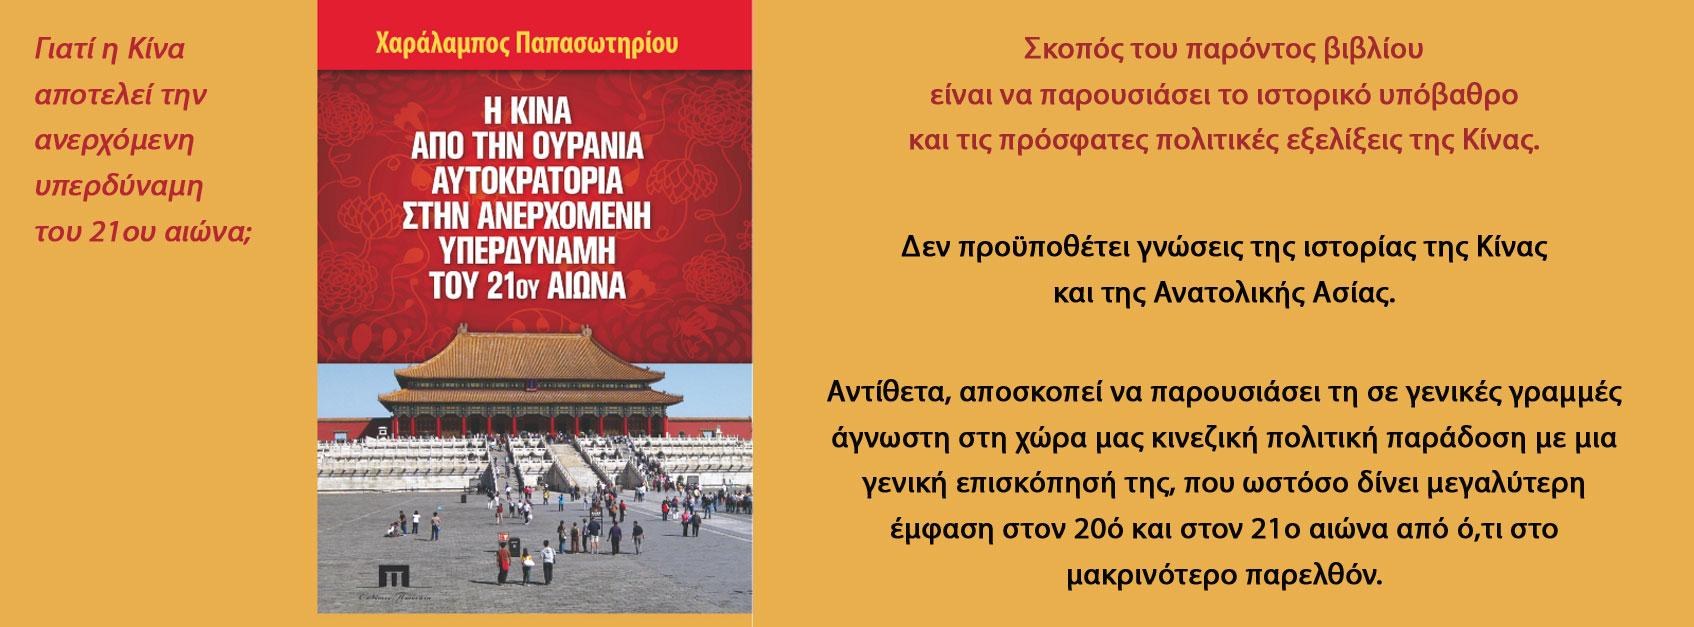 Παπασωτηρίου Χαράλαμπος, Η Κίνα από την ουράνια αυτοκρατορία στην ανερχόμενη υπερδύναμη του 21ου αιώνα